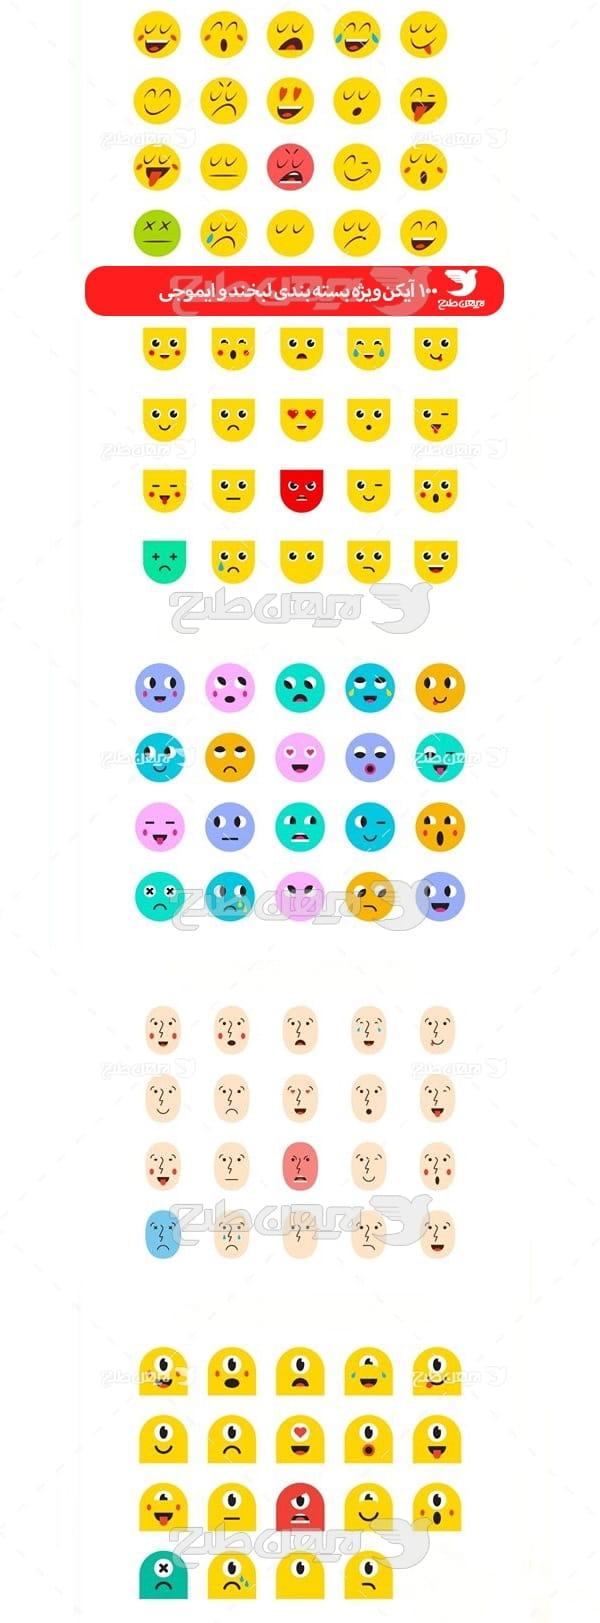 مجموعه آیکن ویژه بسته بندی لبخند و ایموجی